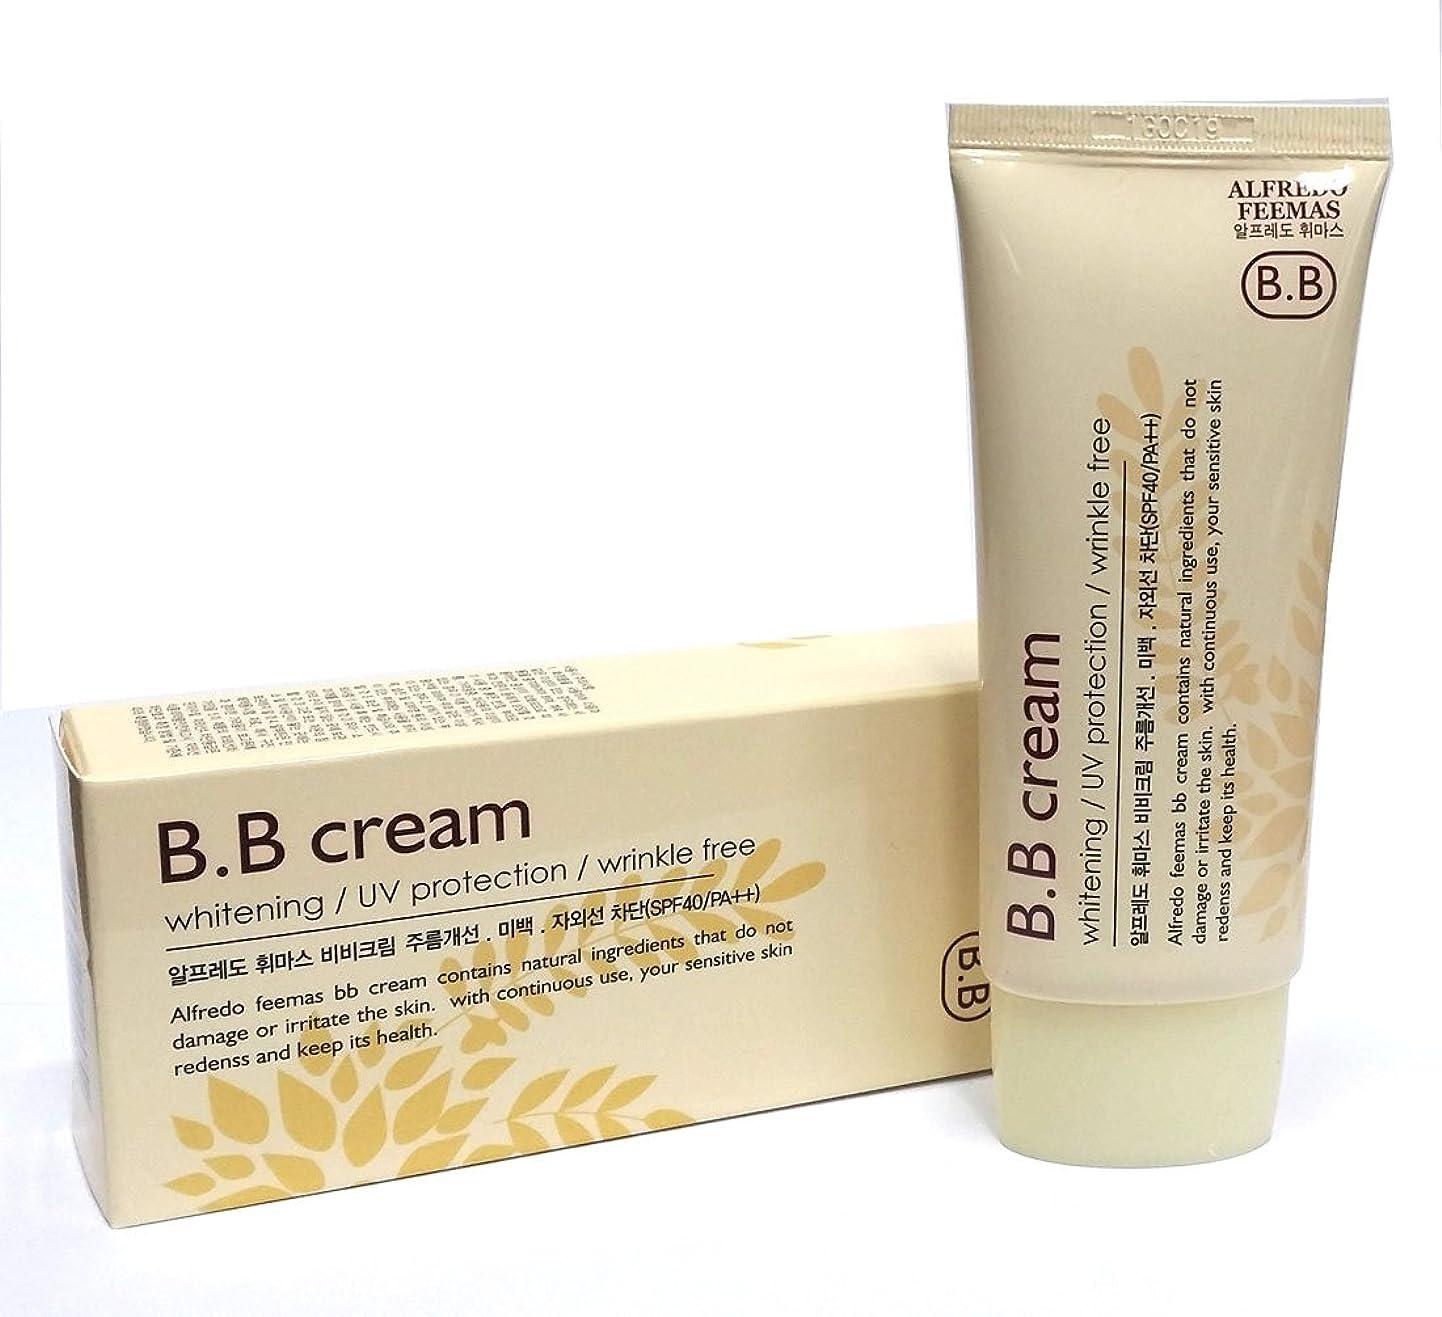 中絶サイズアノイアルフレッドフェイマスBBクリーム50ml X 1ea / Alfredo feemas BB cream 50ml X 1ea / ホワイトニング、しわ、UVプロテクション(SPF40 PA ++)/ Whitening,Wrinkle free,UV protection (SPF40 PA++) / 韓国化粧品 / Korean Cosmetics [並行輸入品]